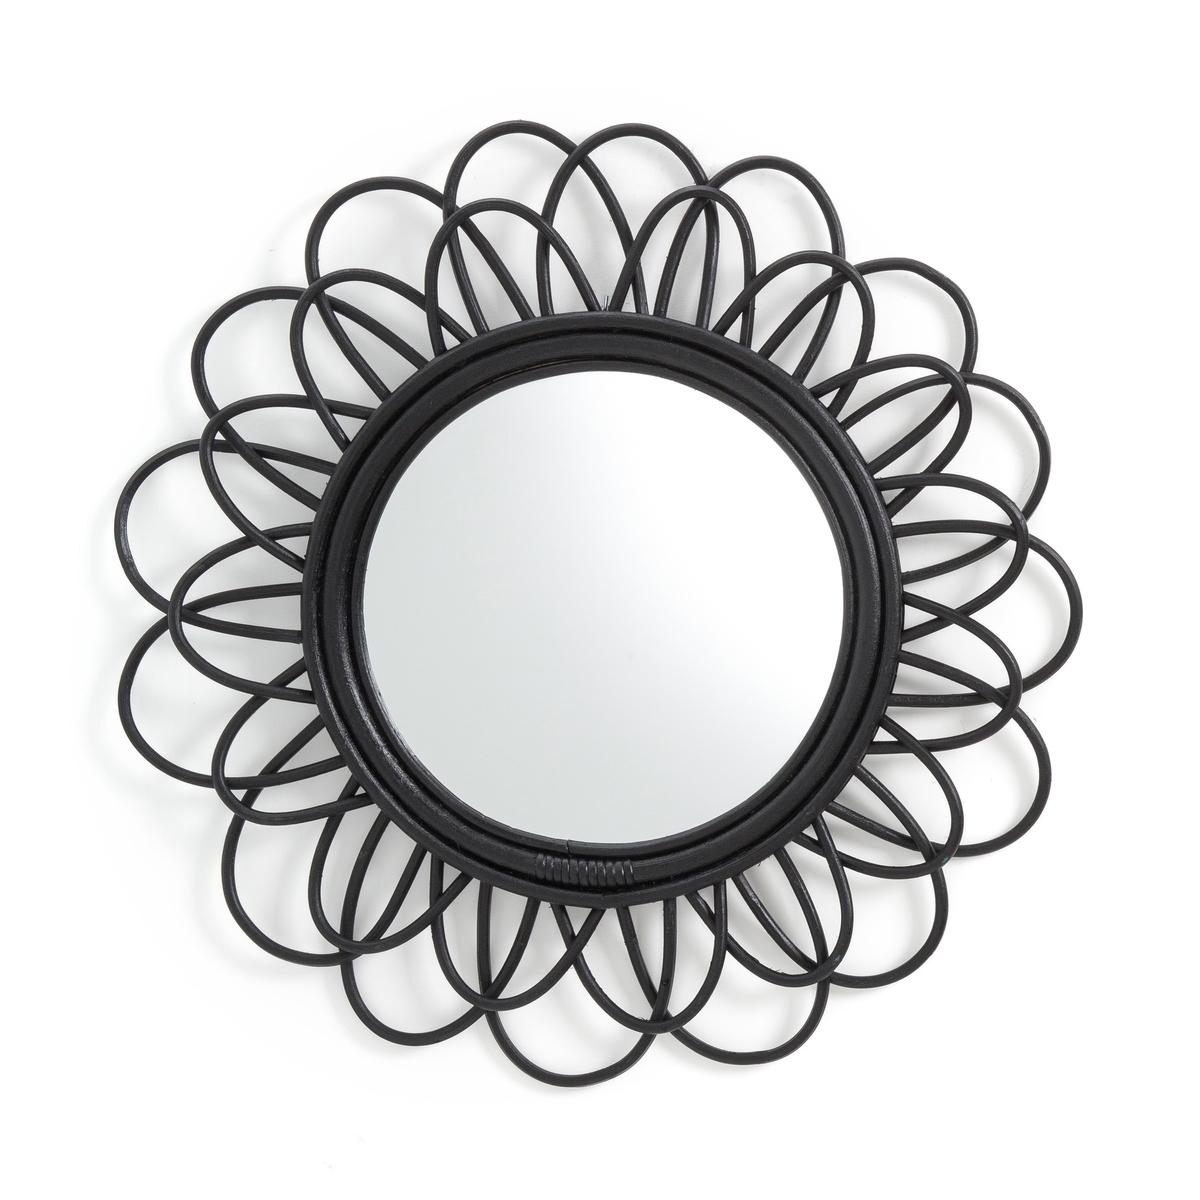 Зеркало La Redoute Из ротанга черного цвета в форме двойного цветка см Nogu единый размер черный зеркало la redoute из ротанга в форме яблока nogu единый размер бежевый